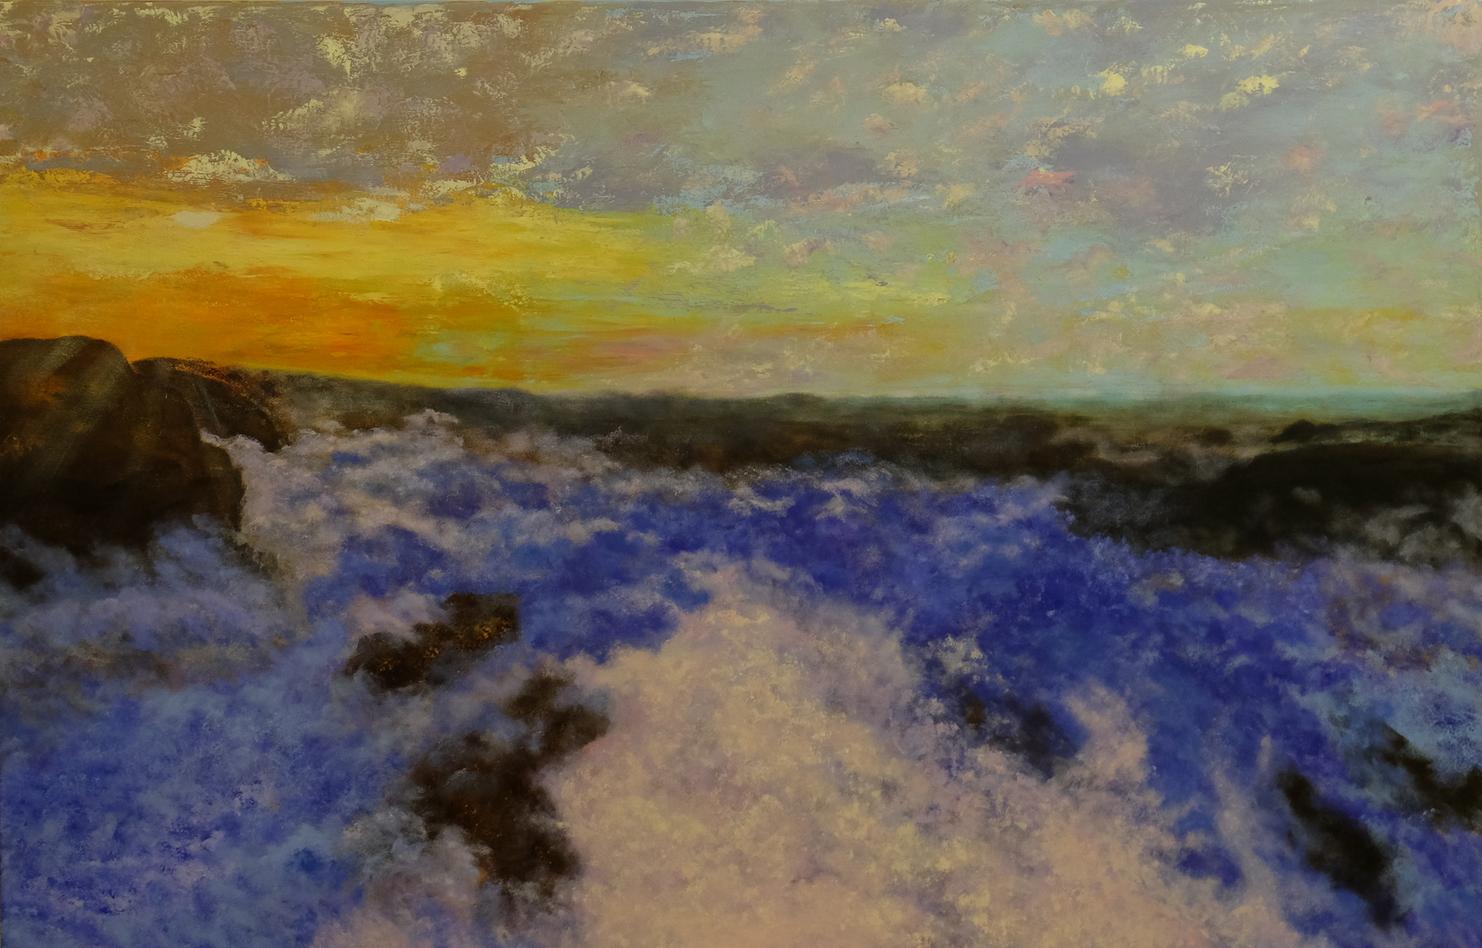 Pejzaż Bezkres, obraz akrylowy na płótnie lnianym, malarstwo nowoczesne